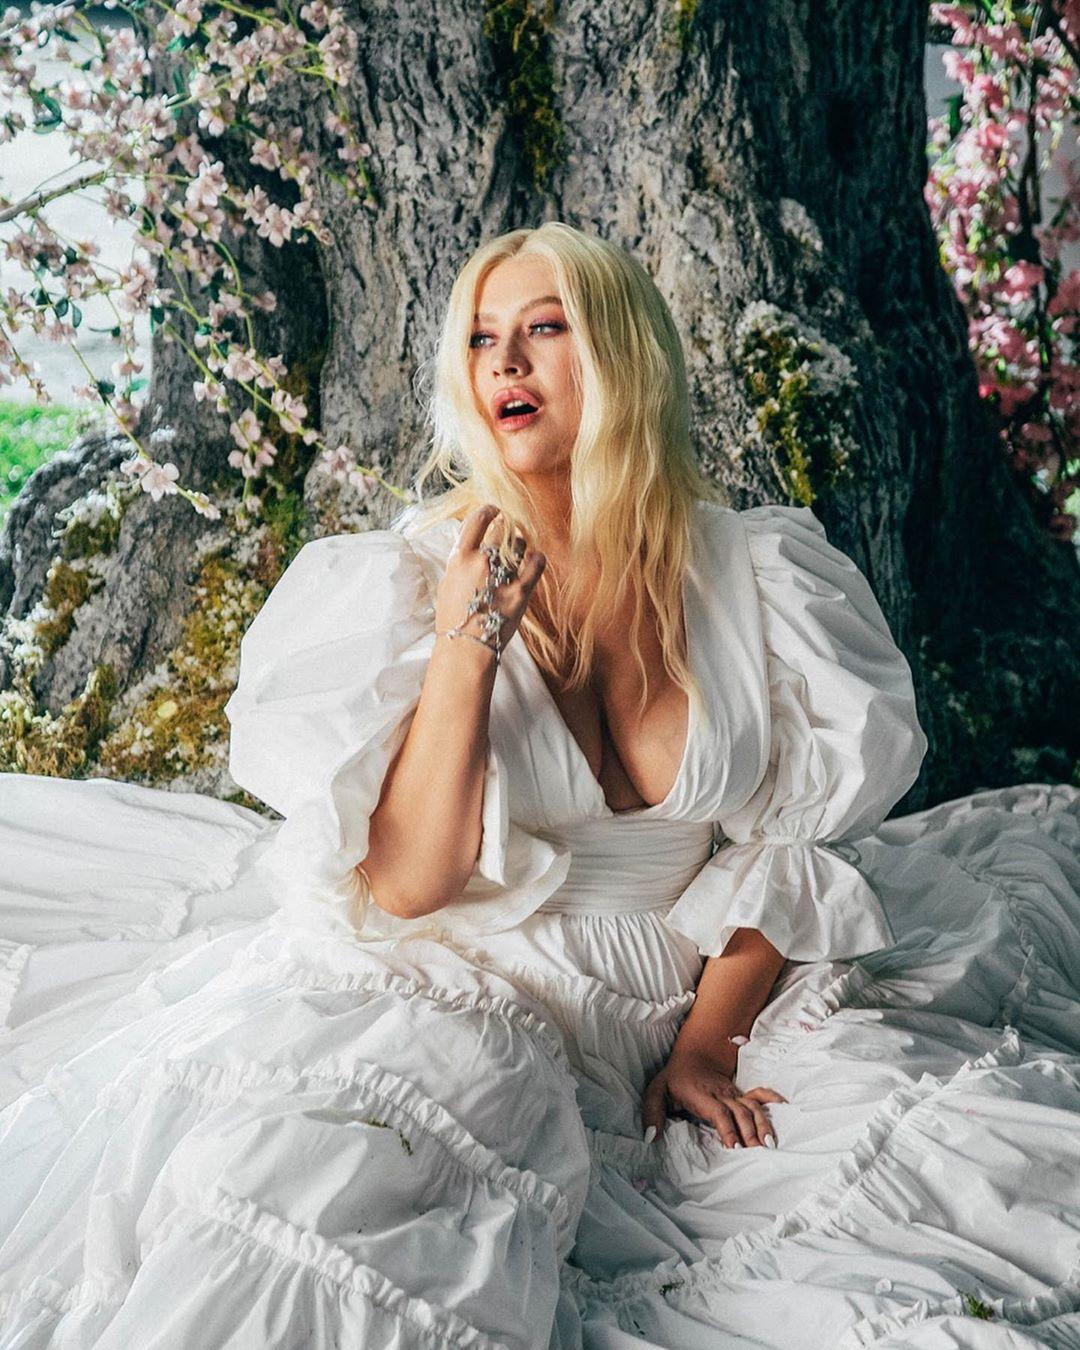 У кліпі співачка з'явилася в розкішному білому платті з глибоким декольте / Instagram Крістіна Агілера